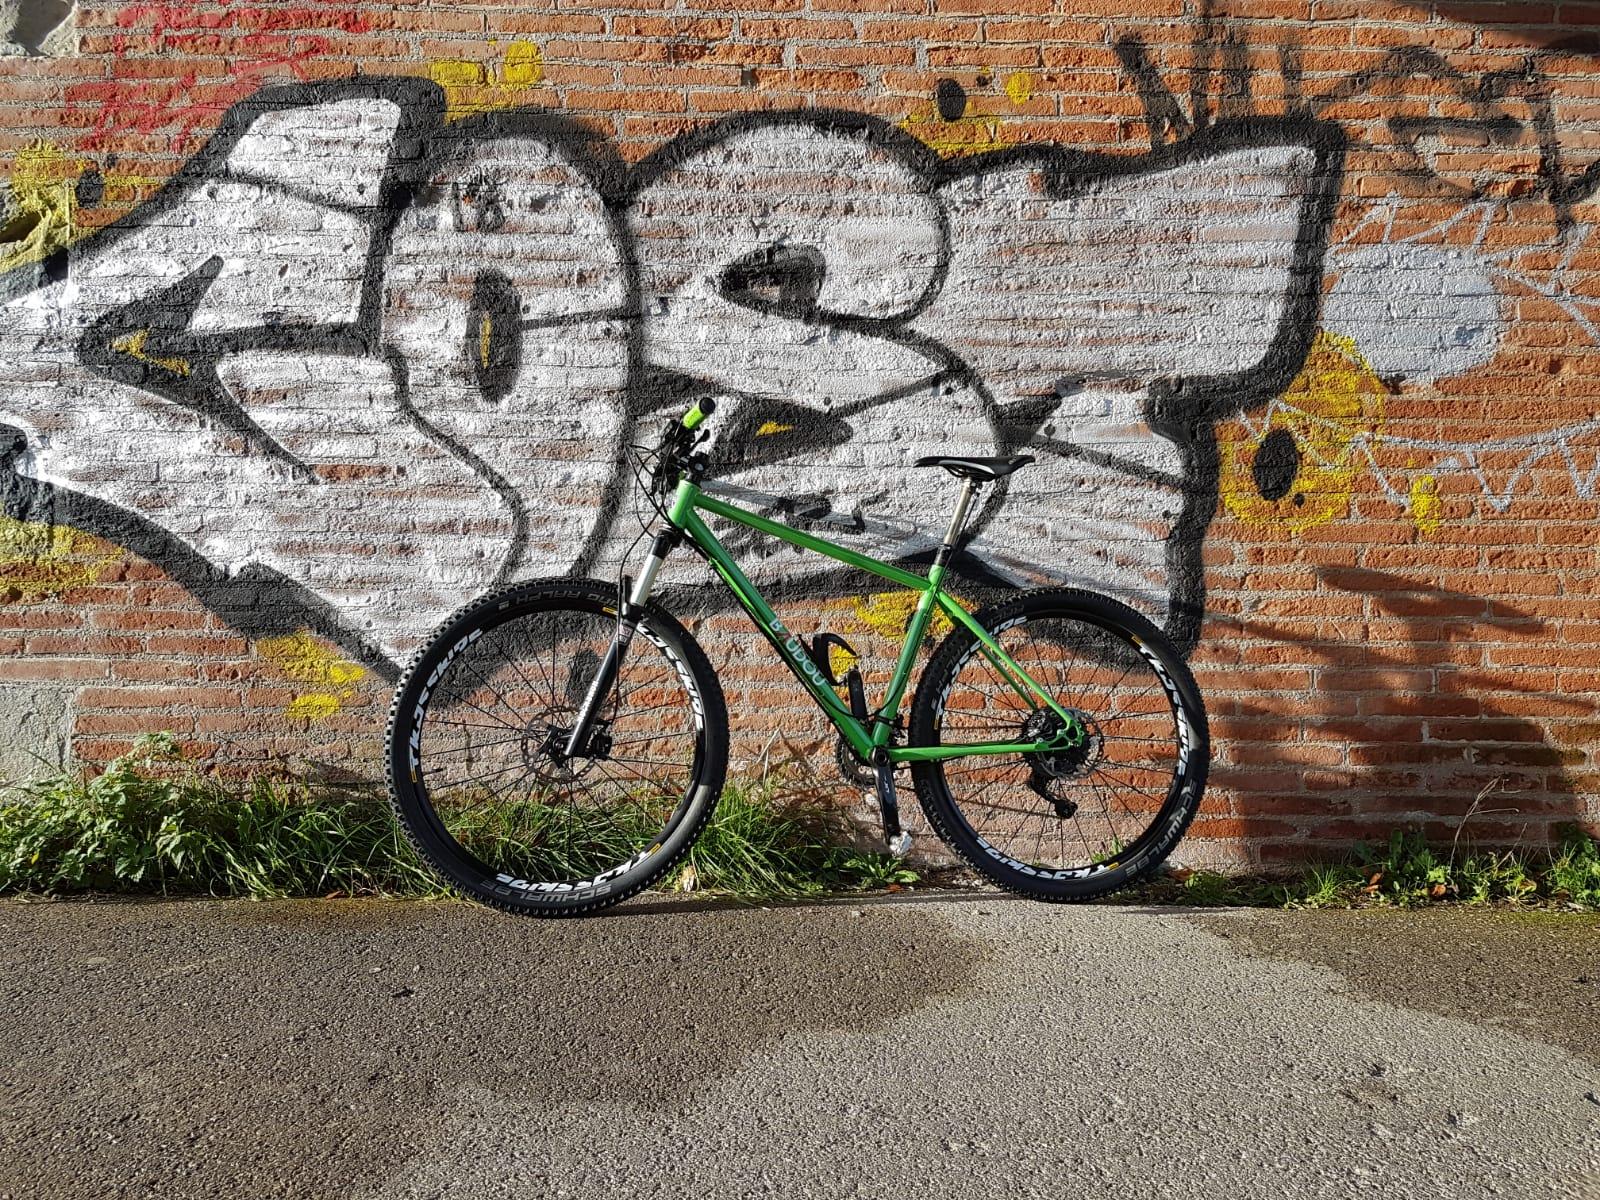 VTT_BAUDOU_Bikes_Cote1